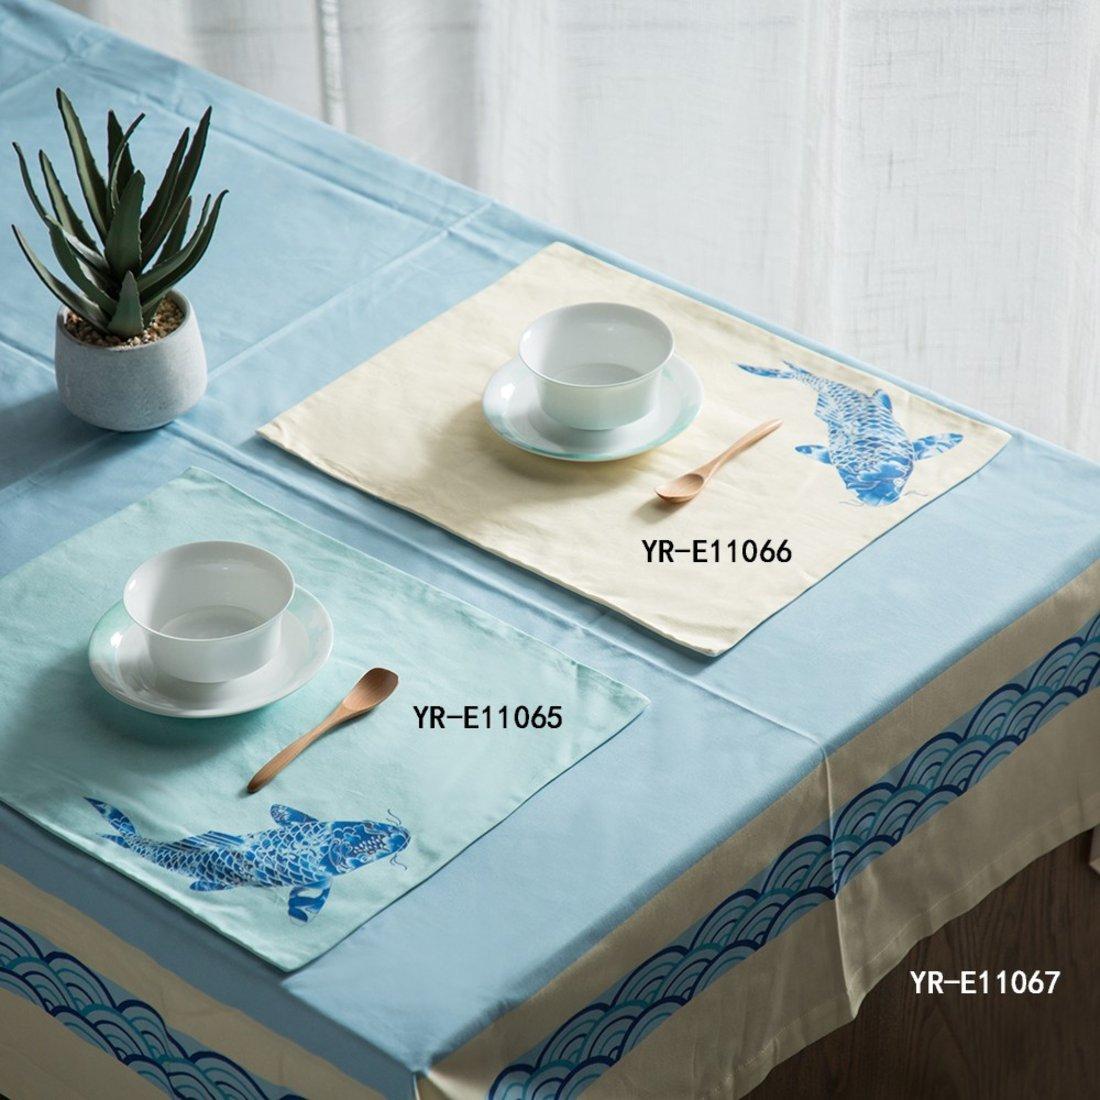 鱼瑞 桌垫 中式清新印花桌垫 装饰布艺 家居软装